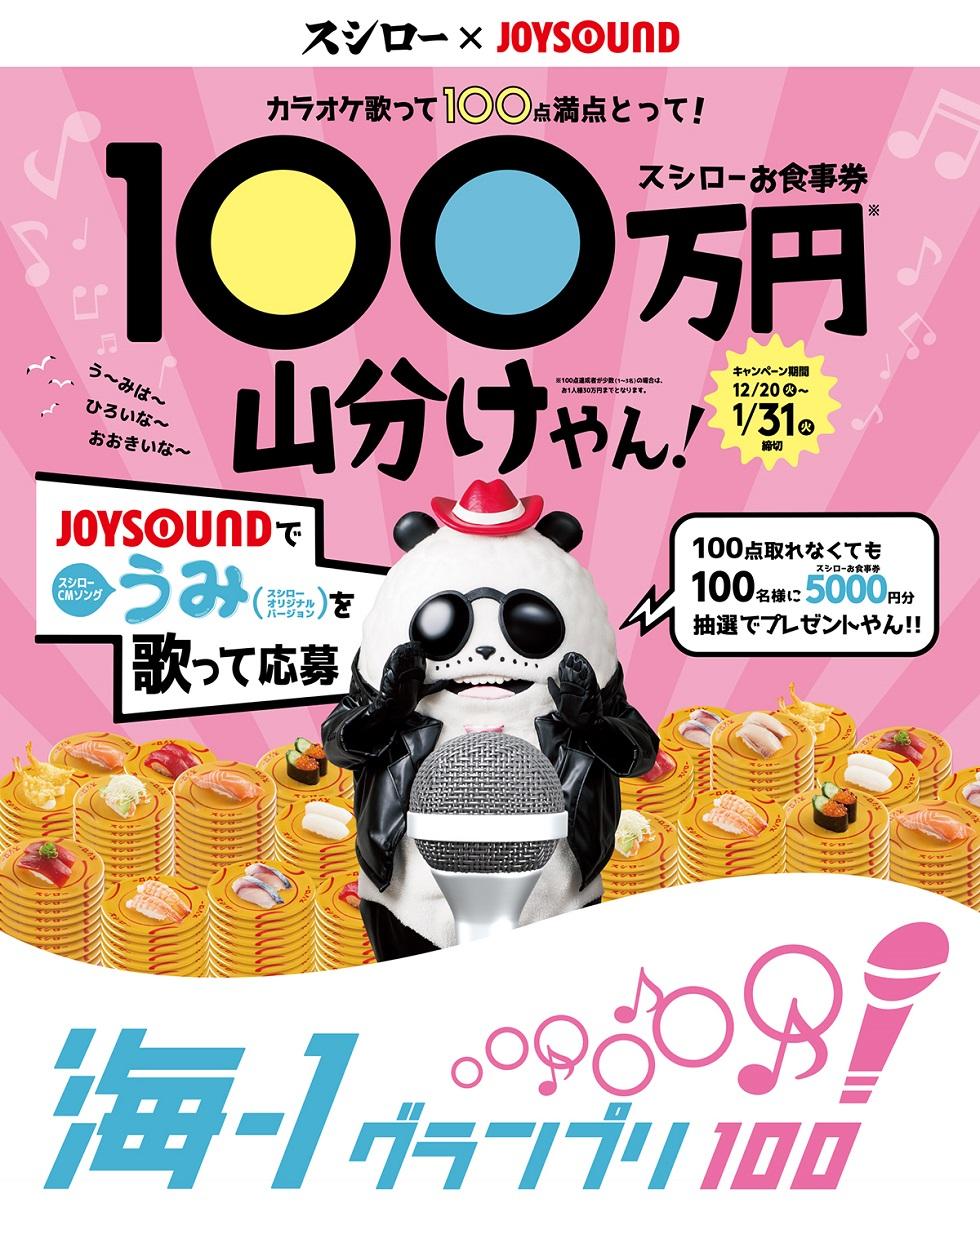 スシロー×JOYSOUND 海-1グランプリ100